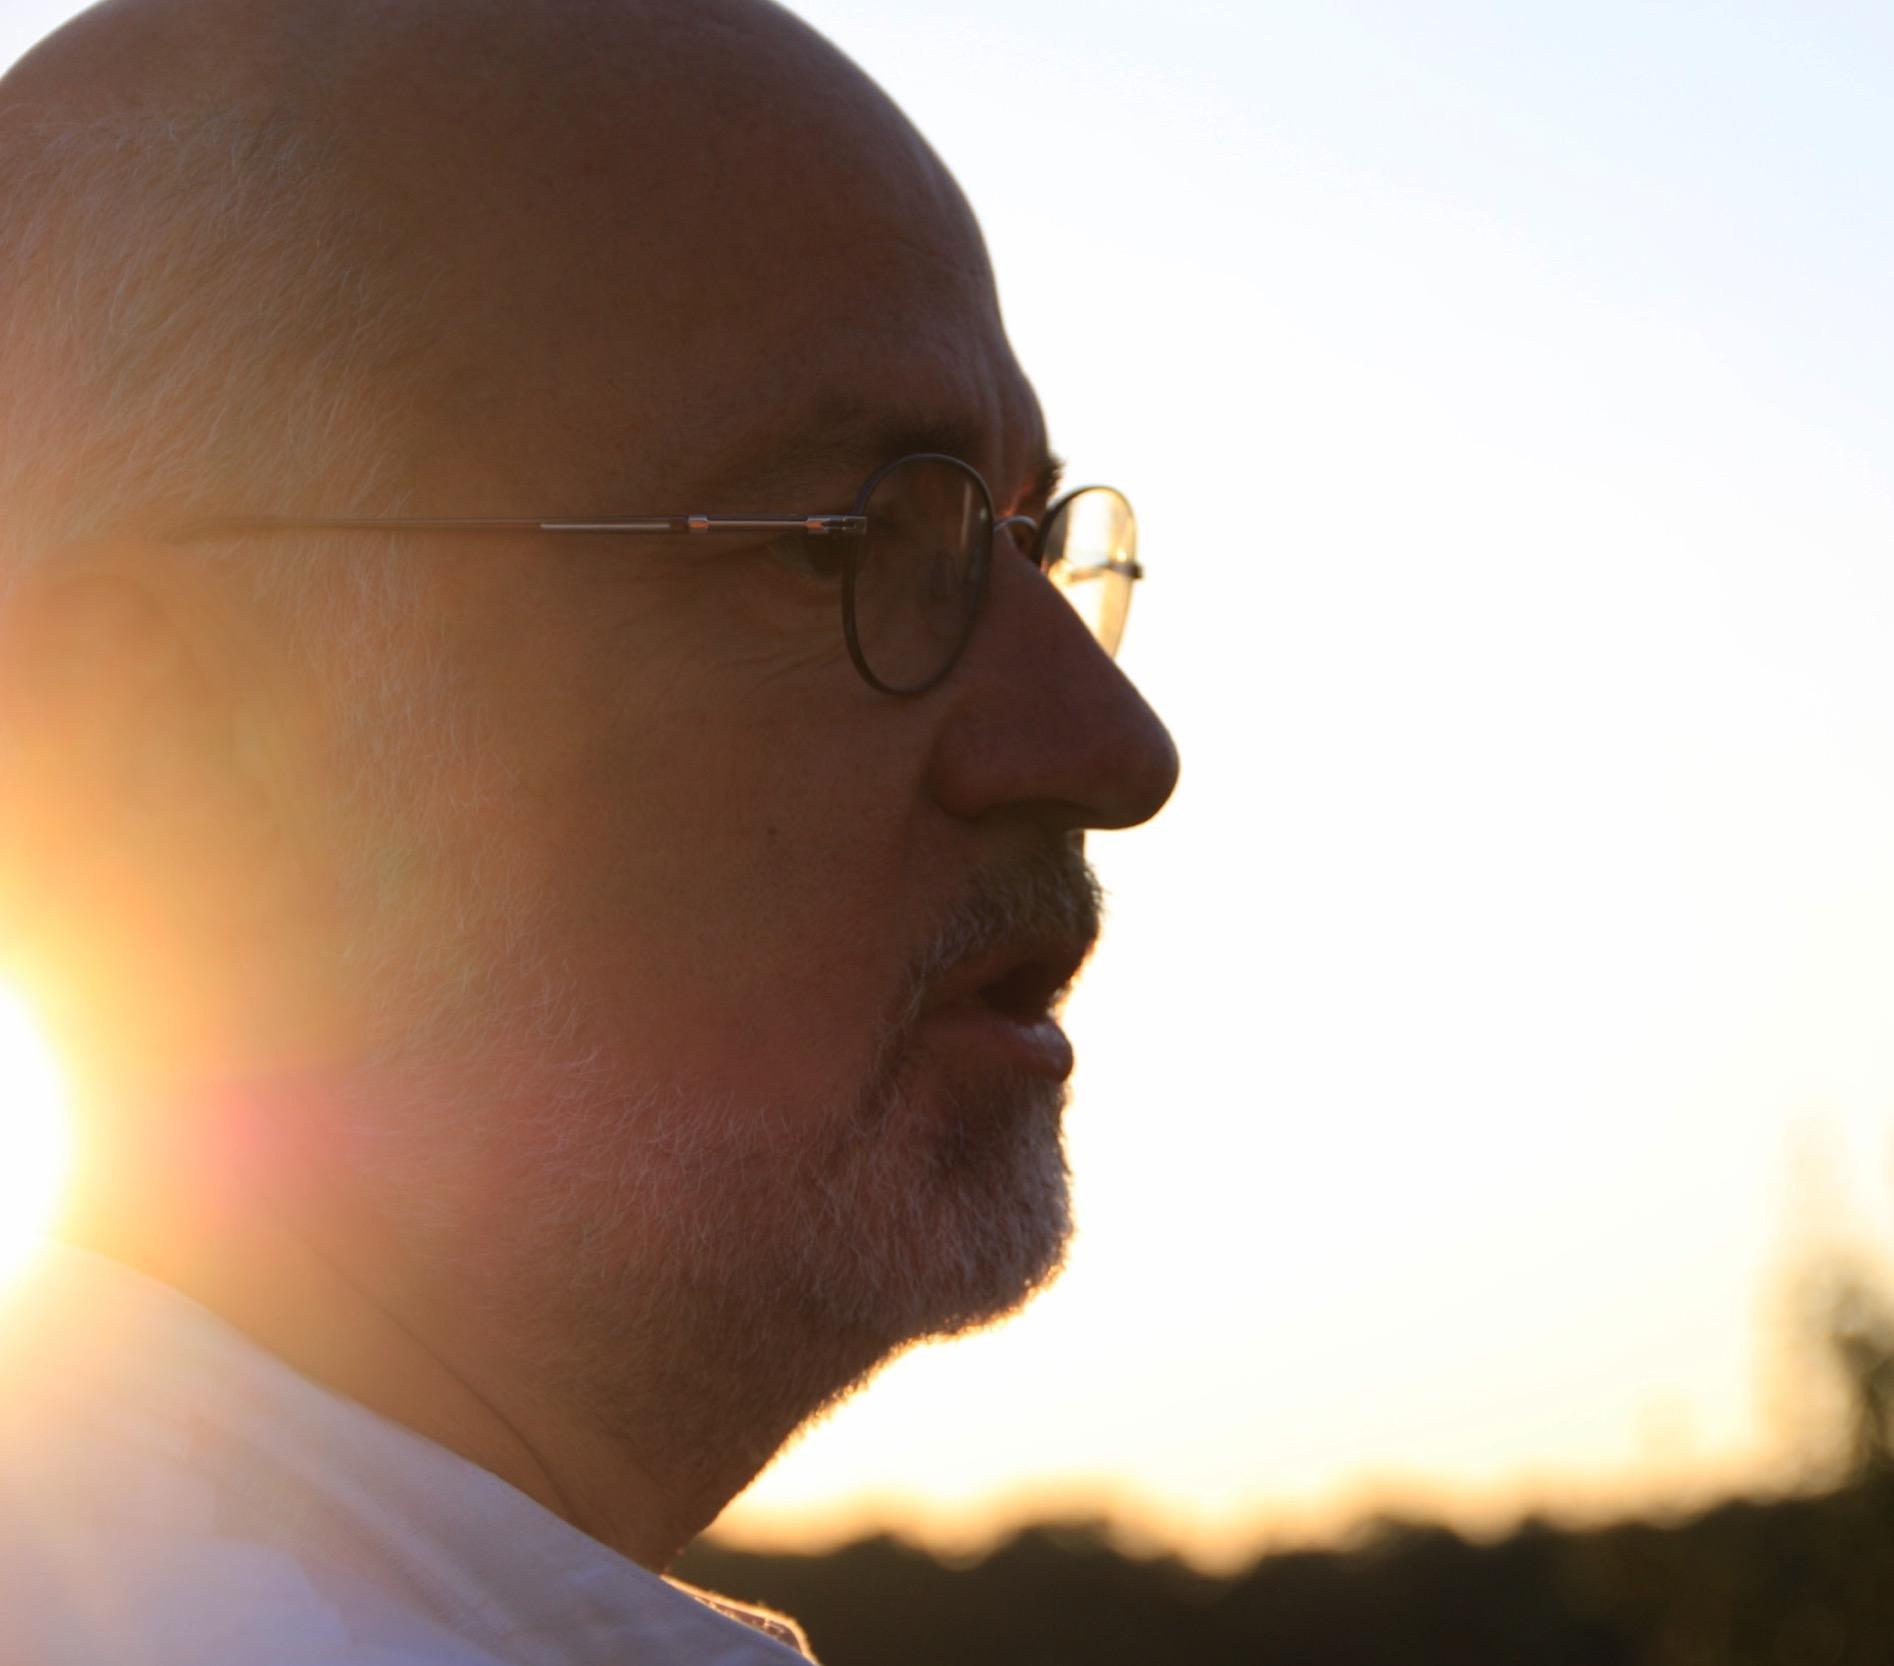 """Angedacht ist der Titel: """"Das Karussell im Kopf – Wege und Irrwege des inneren Gleichgewichts"""" - — Dr. Peter Gungl"""